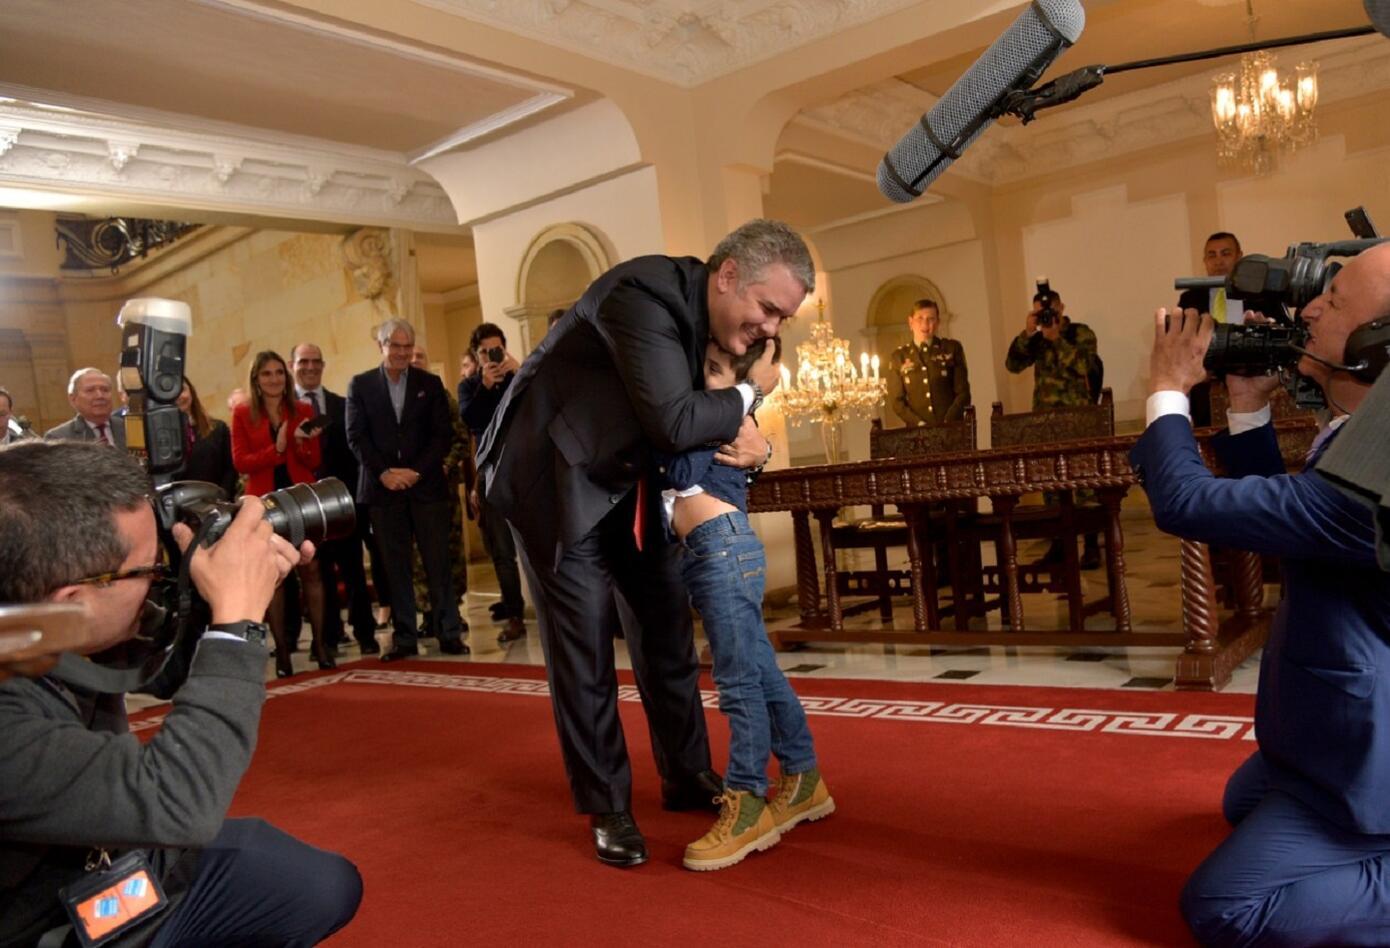 El presidente le hizo un recorrido por los pasillos de la Casa de Nariño en donde le mostró los cuadros de los expresidentes y otras áreas emblemáticas de palacio.